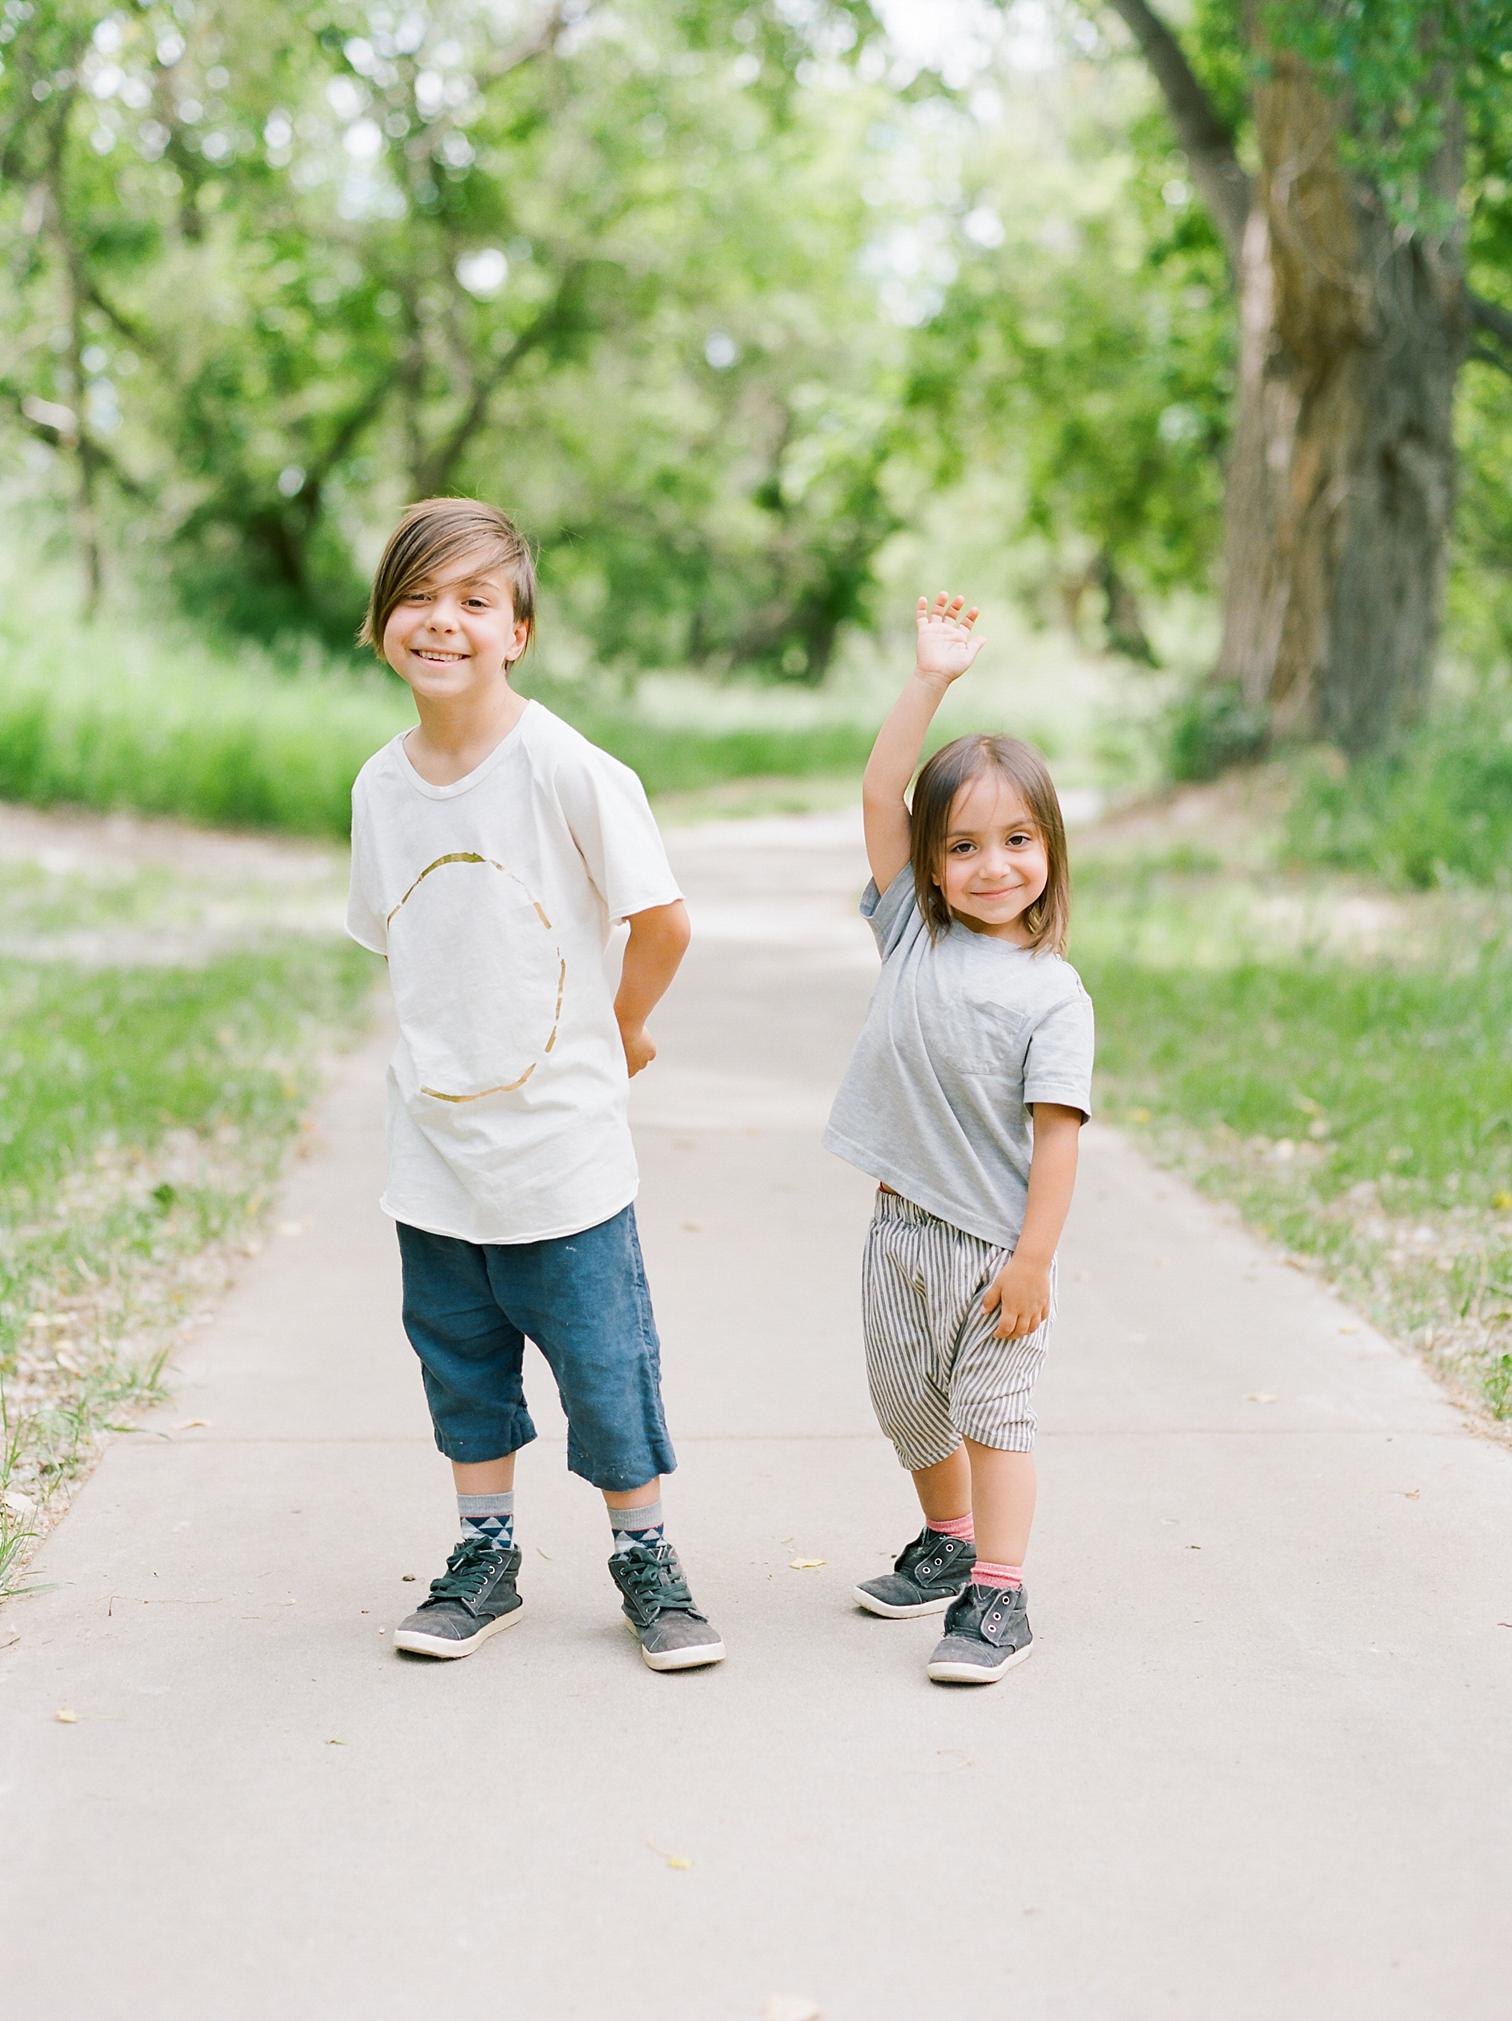 Film Photographers, Colorado Family Portraits, Fort Collins Portrait Photographer, Summer Family Portraits, Goofy Portraits Of Boys, Rolleiflex Cameras